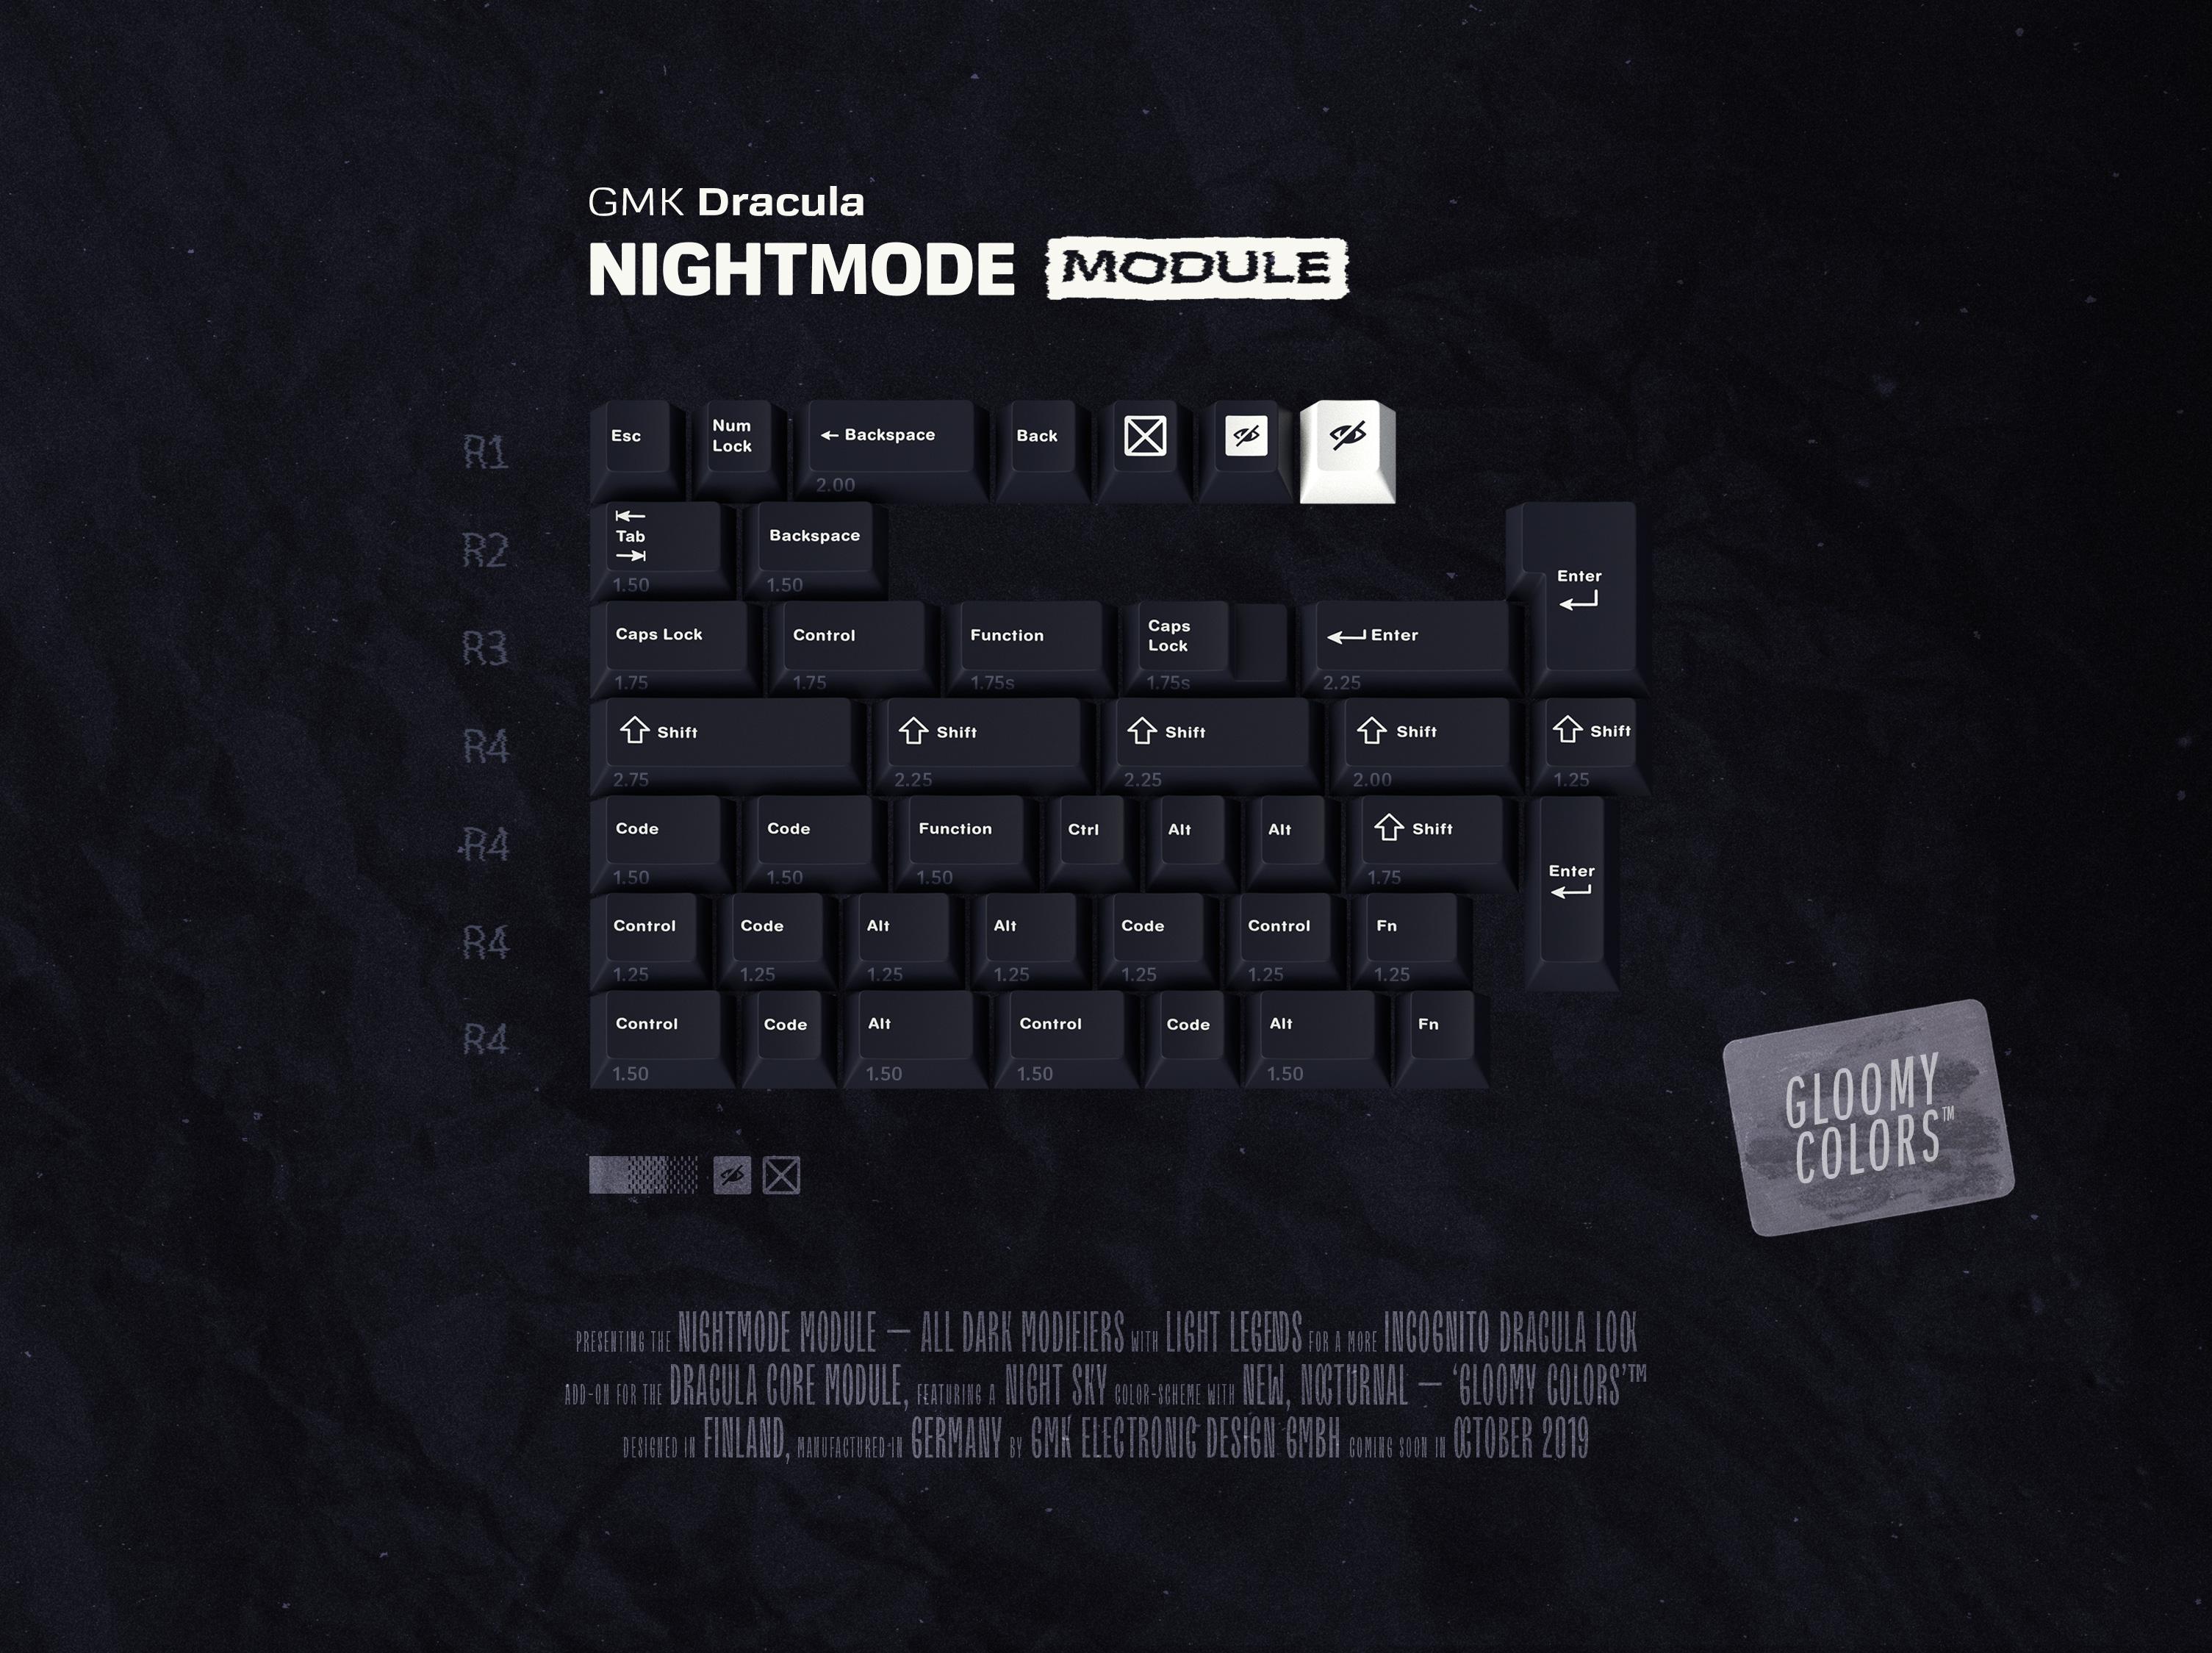 Nightmode Module